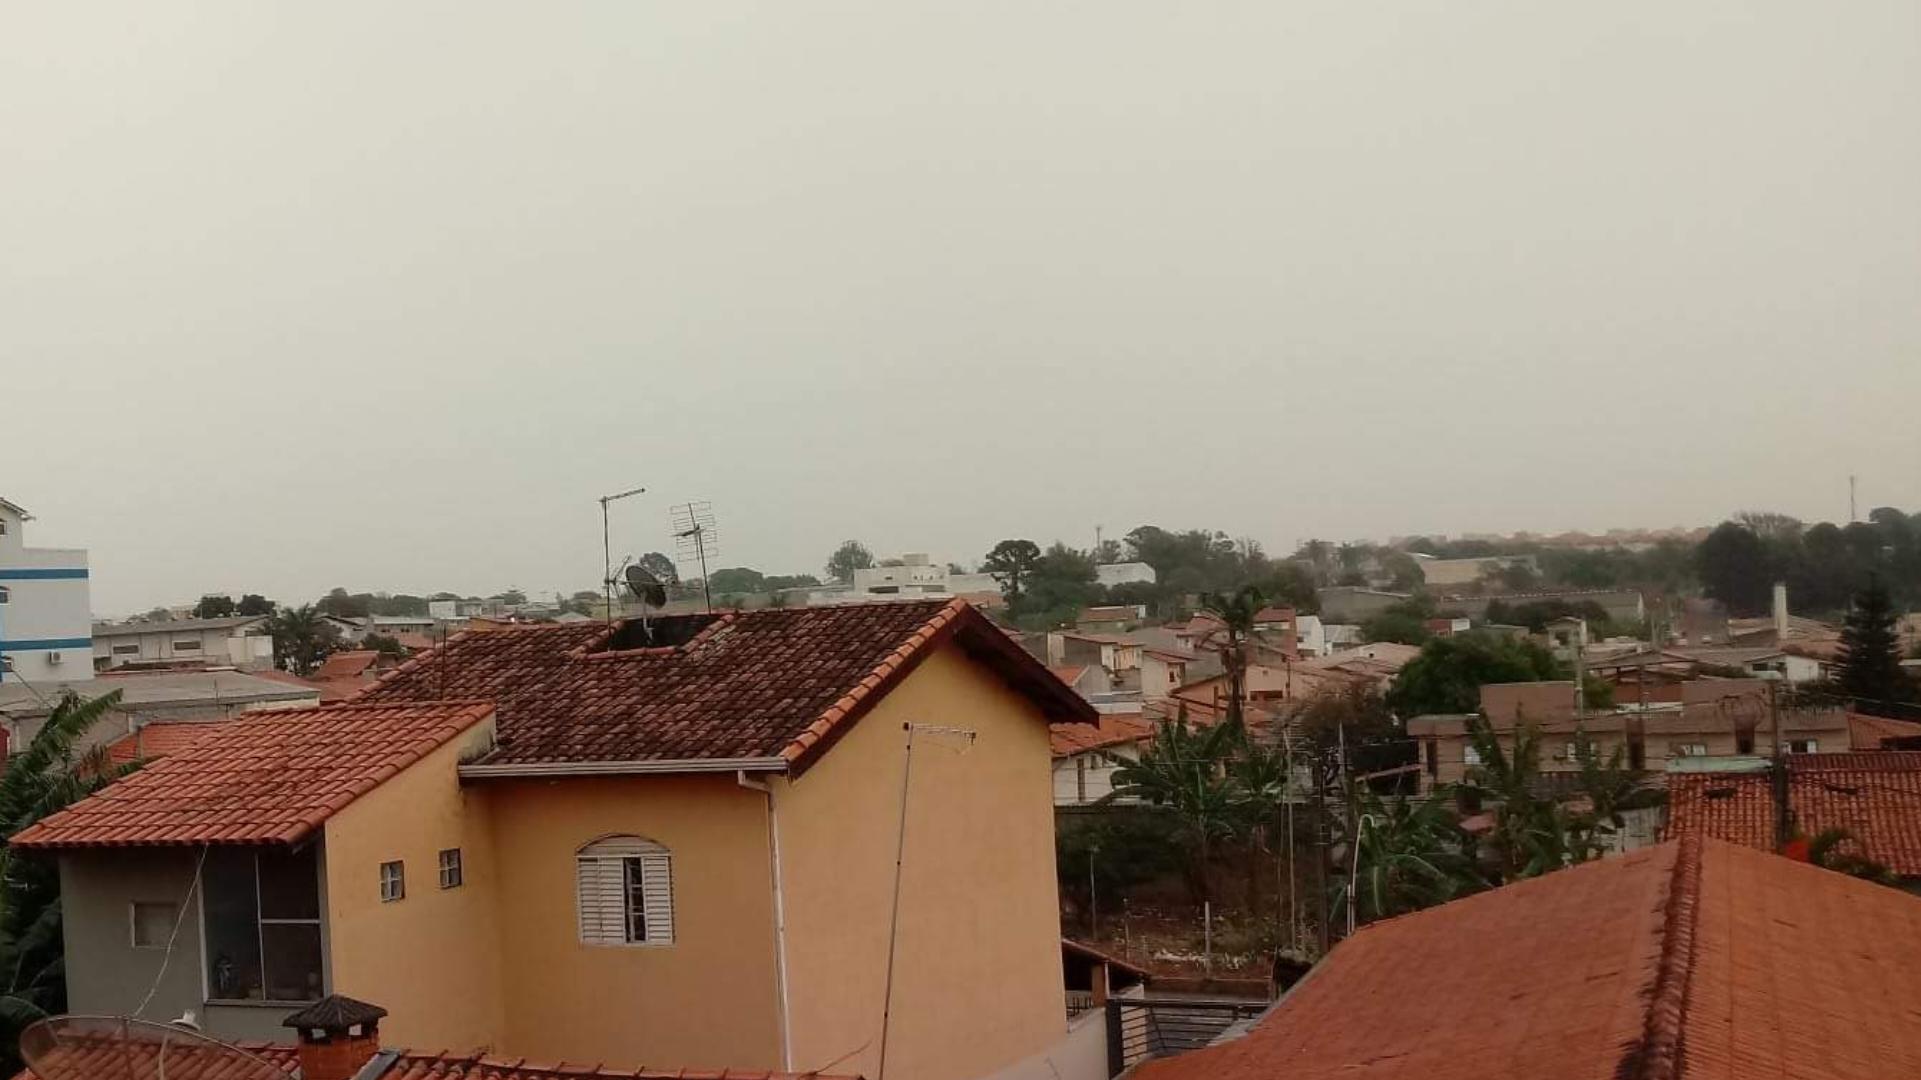 Após quase 3 meses, chove em Sorocaba